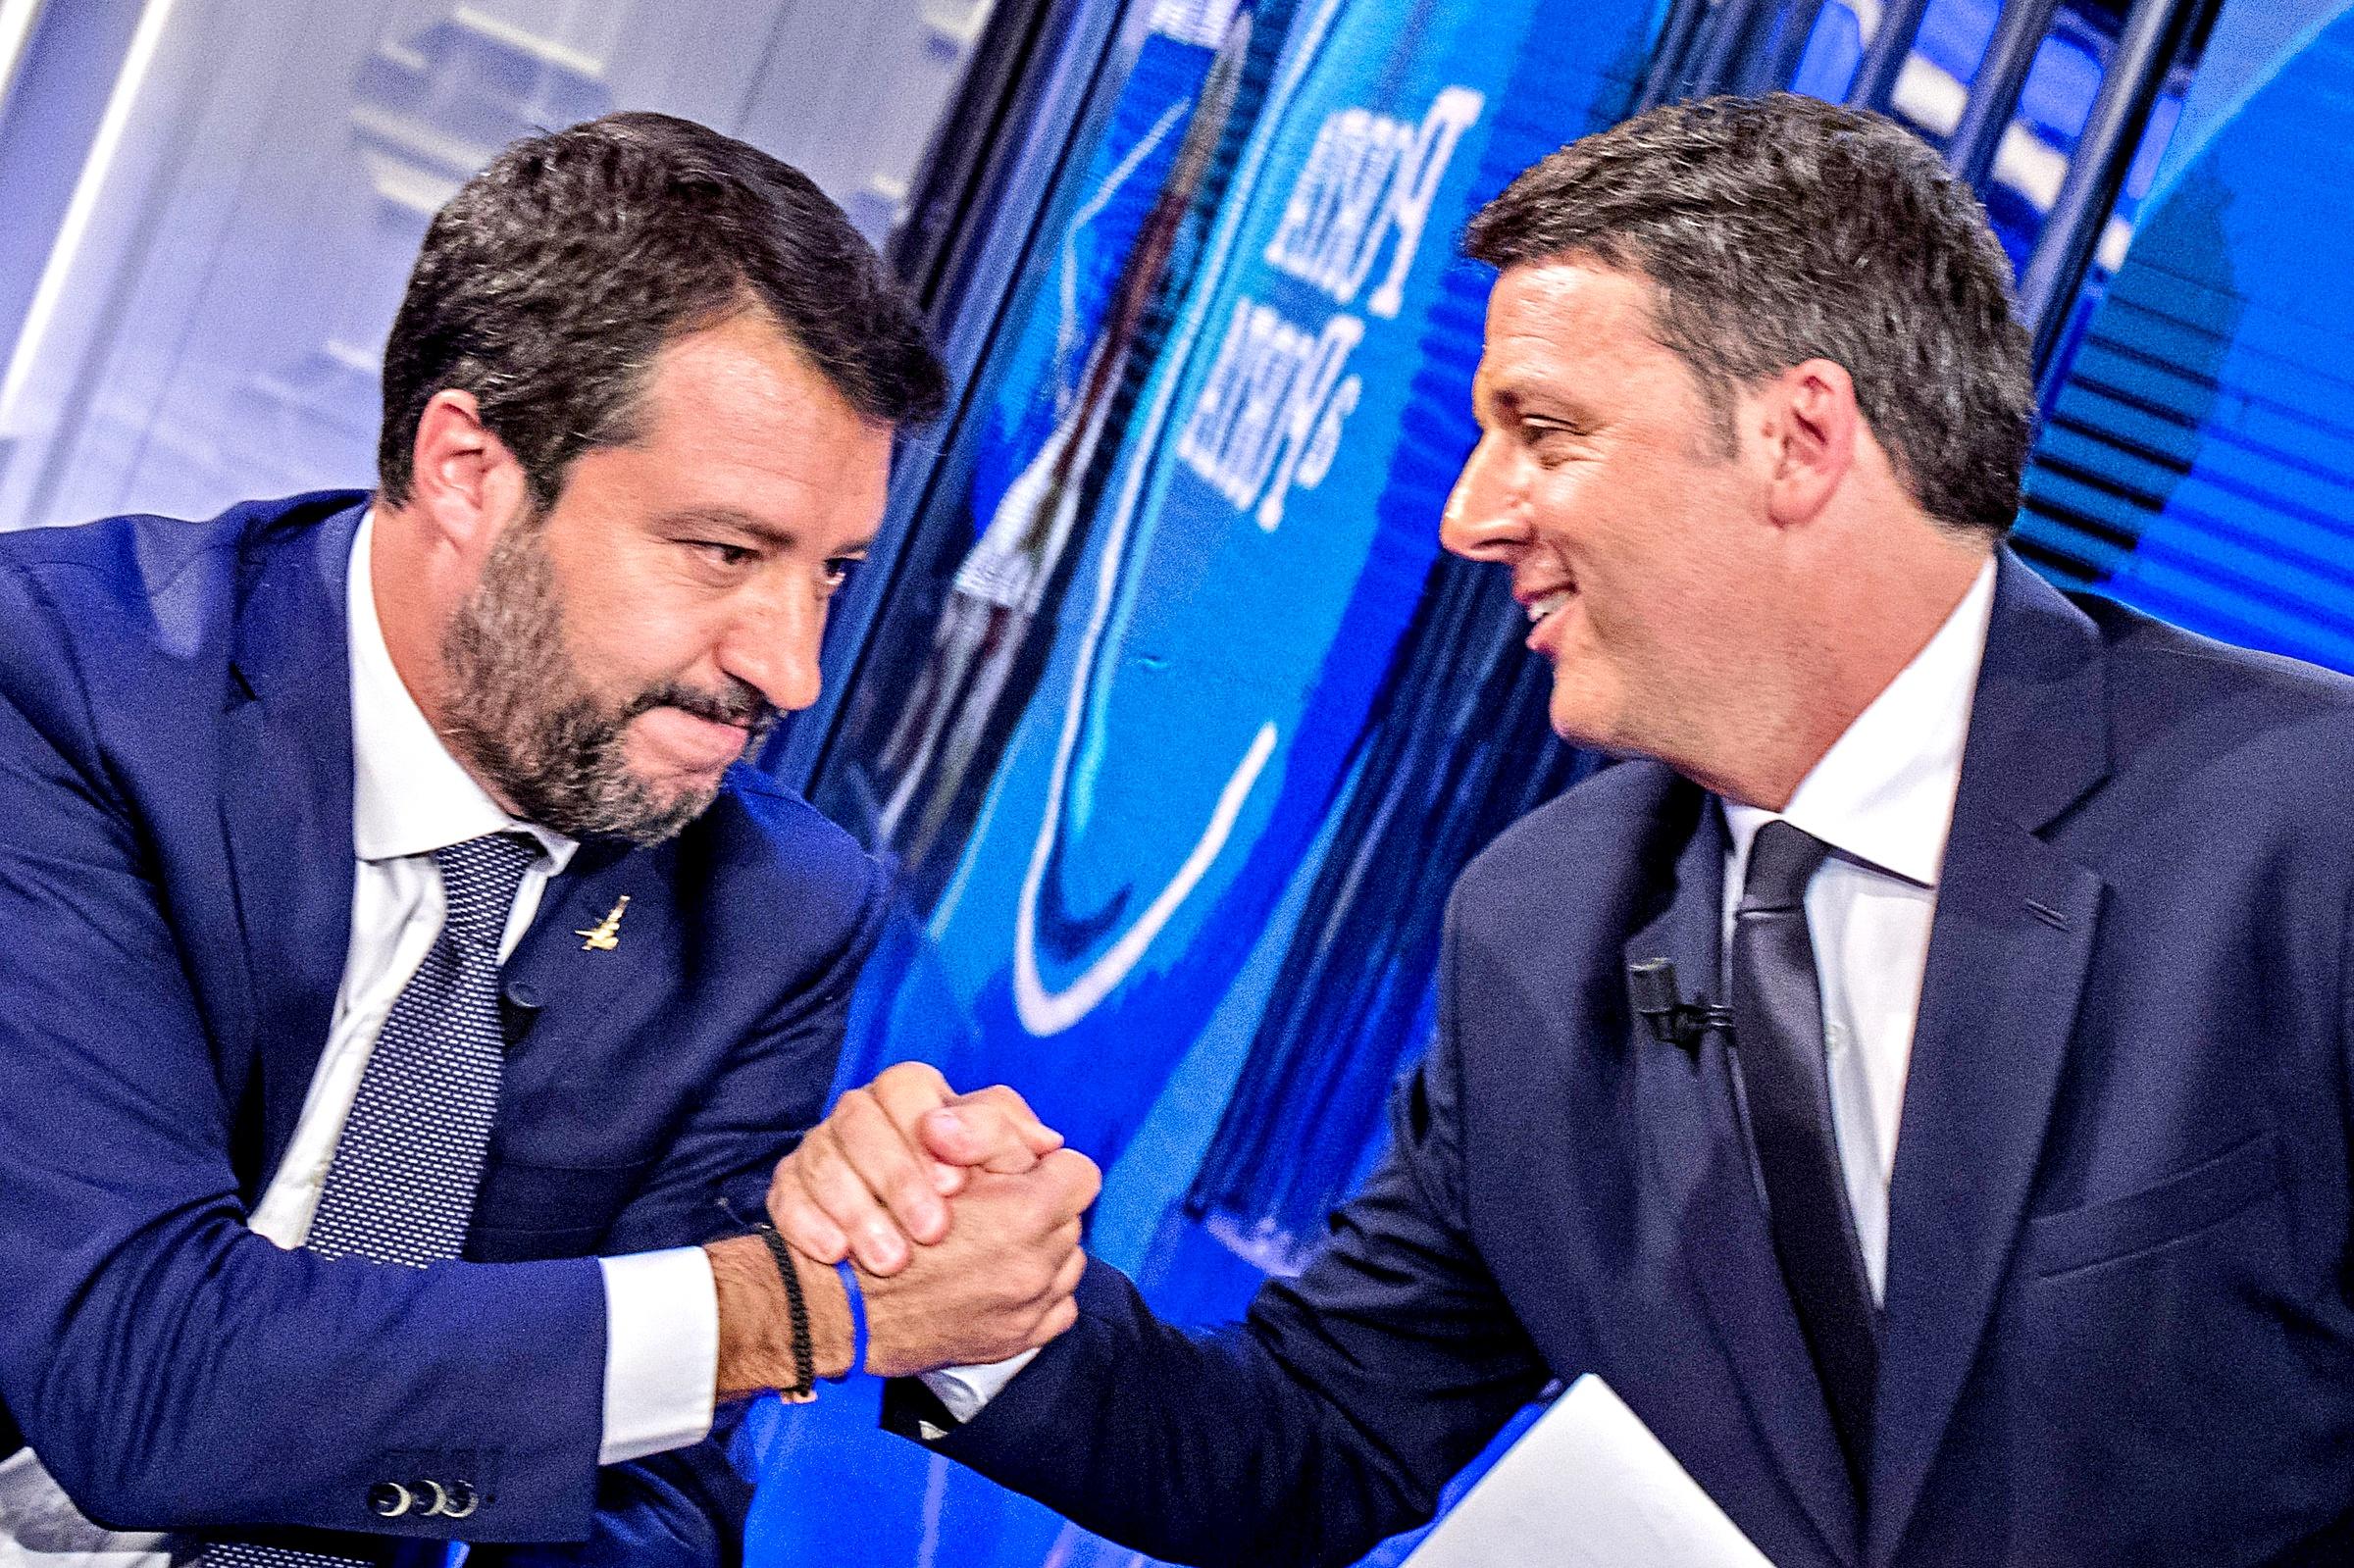 Verso le Regionali: Lega primo partito in Toscana, supera Pd. Ancora nessuna traccia sui candidati